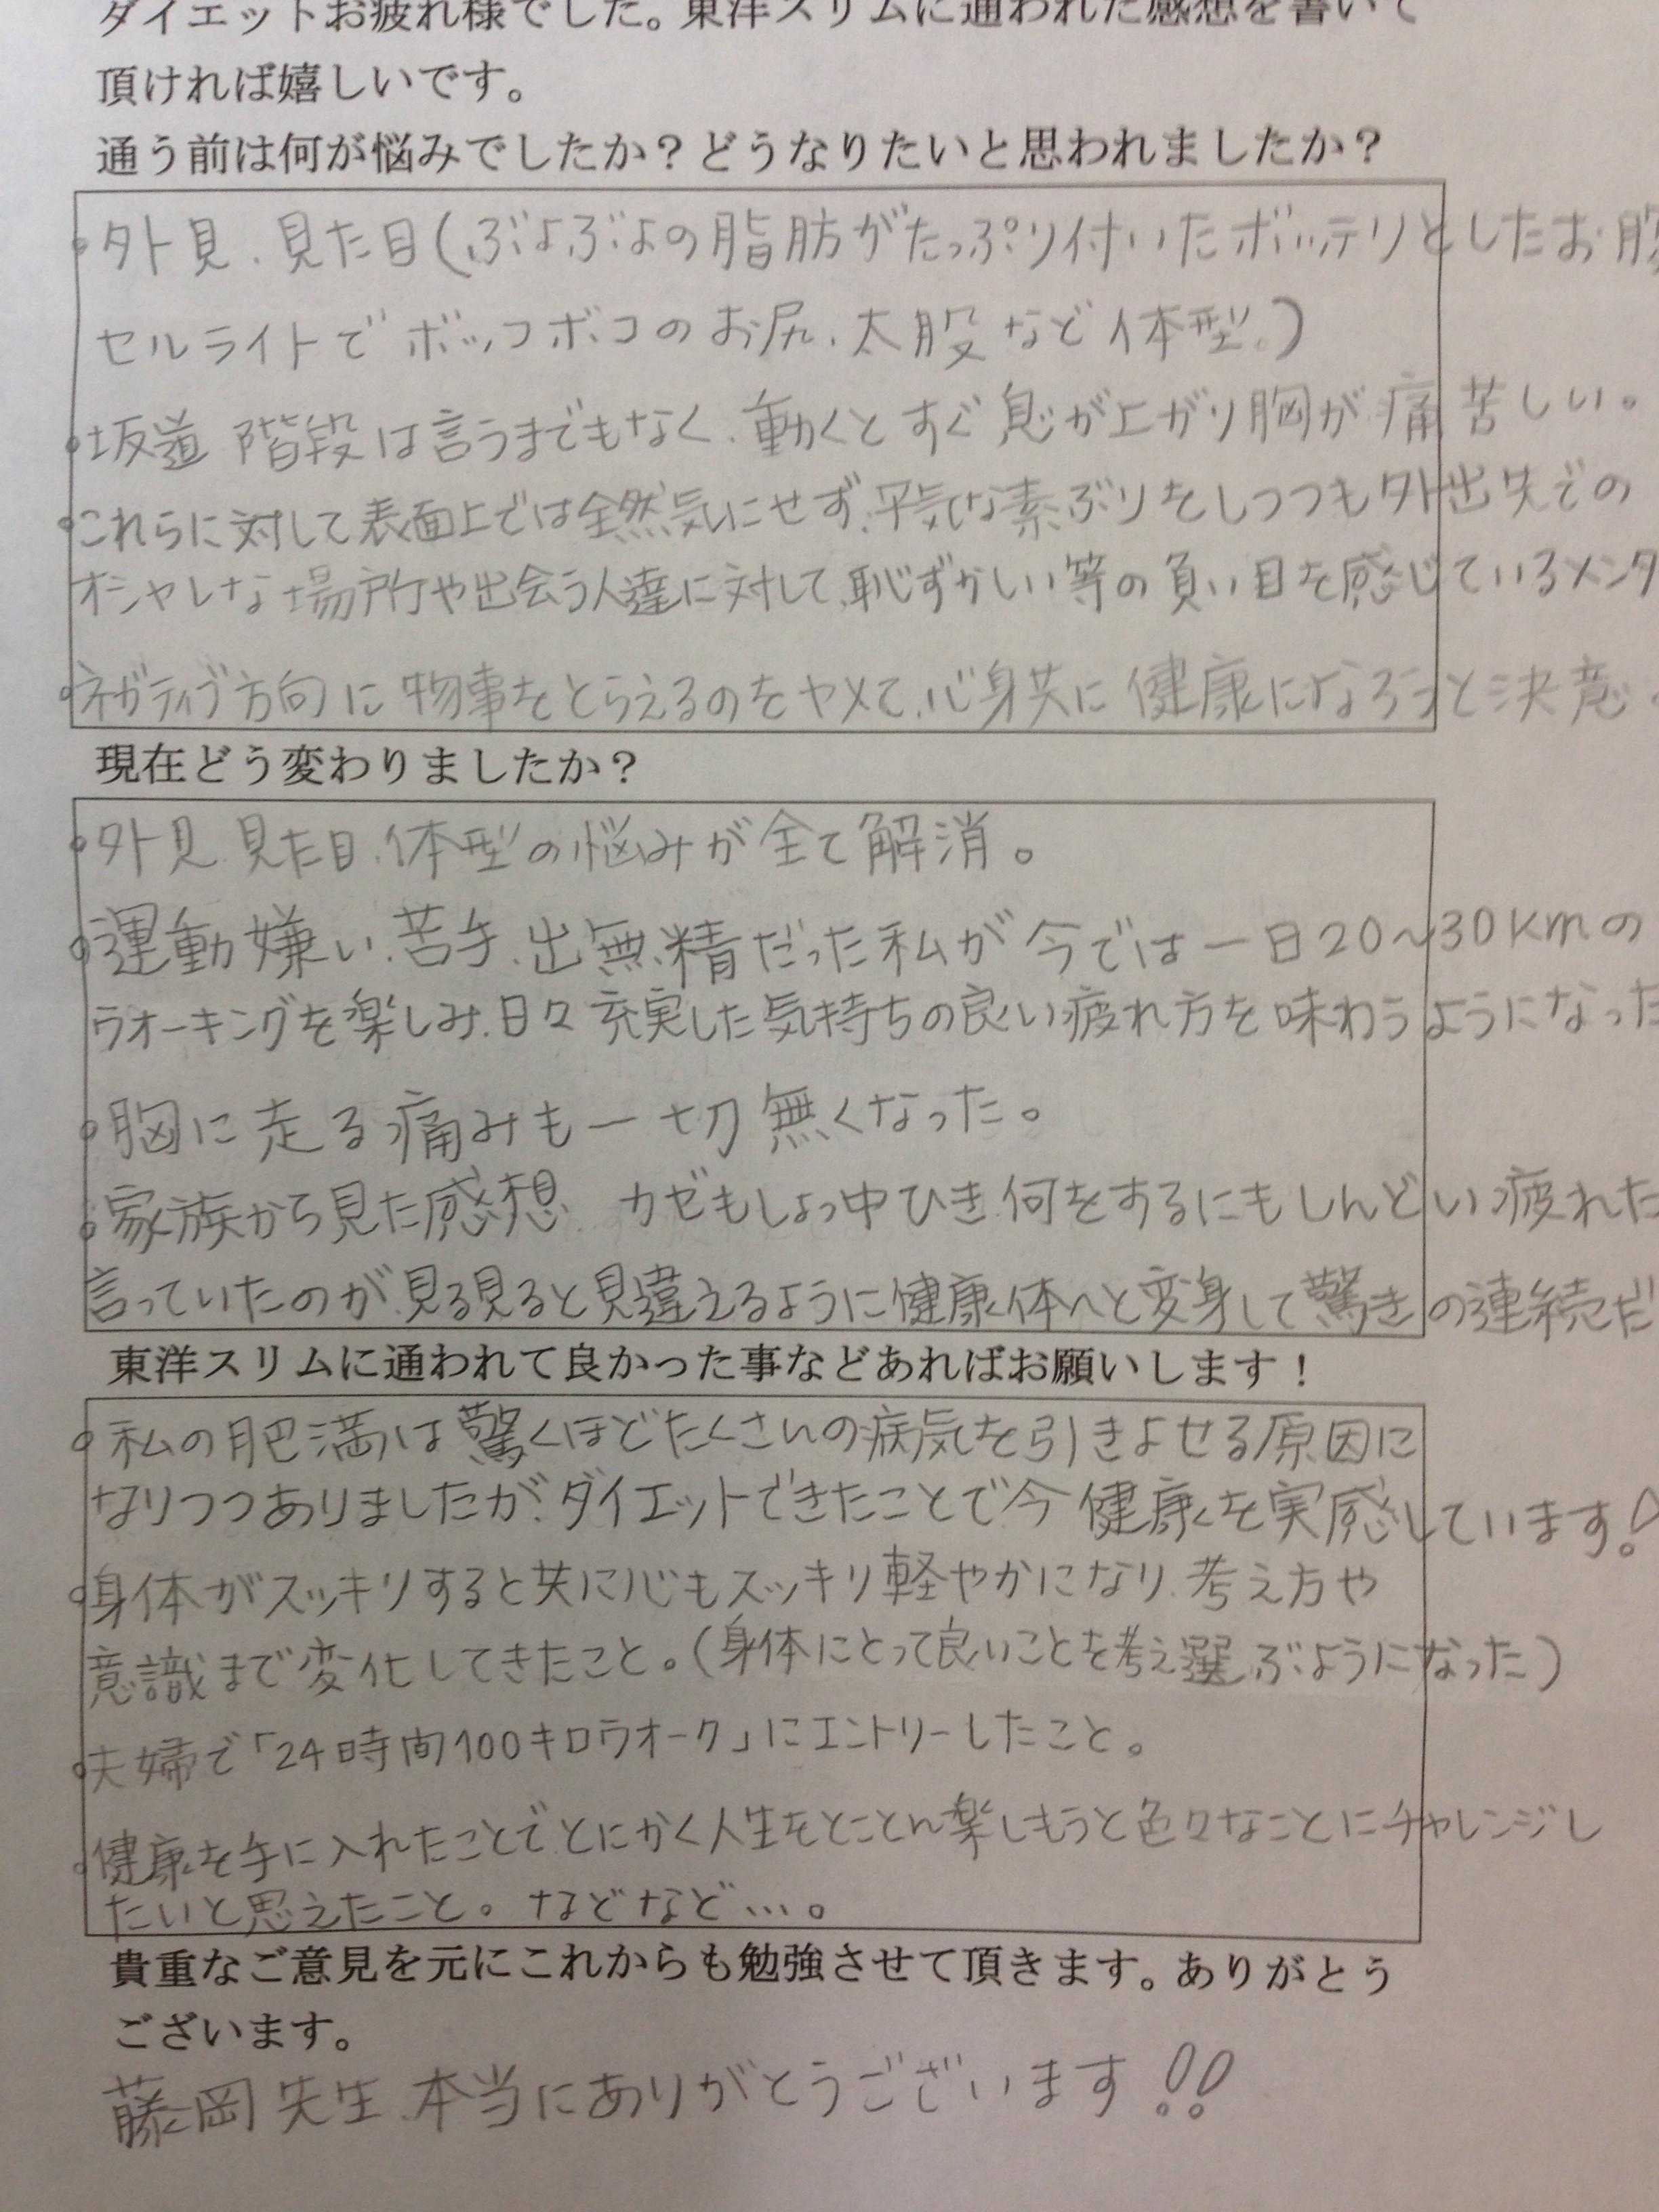 大阪市城東区Tさん(51才)耳ツボダイエットでー18kgダイエット成功セルライトでボッコボコのお尻、お腹を何とかしたかった。ダイエットできたことで今健康を実感しています!